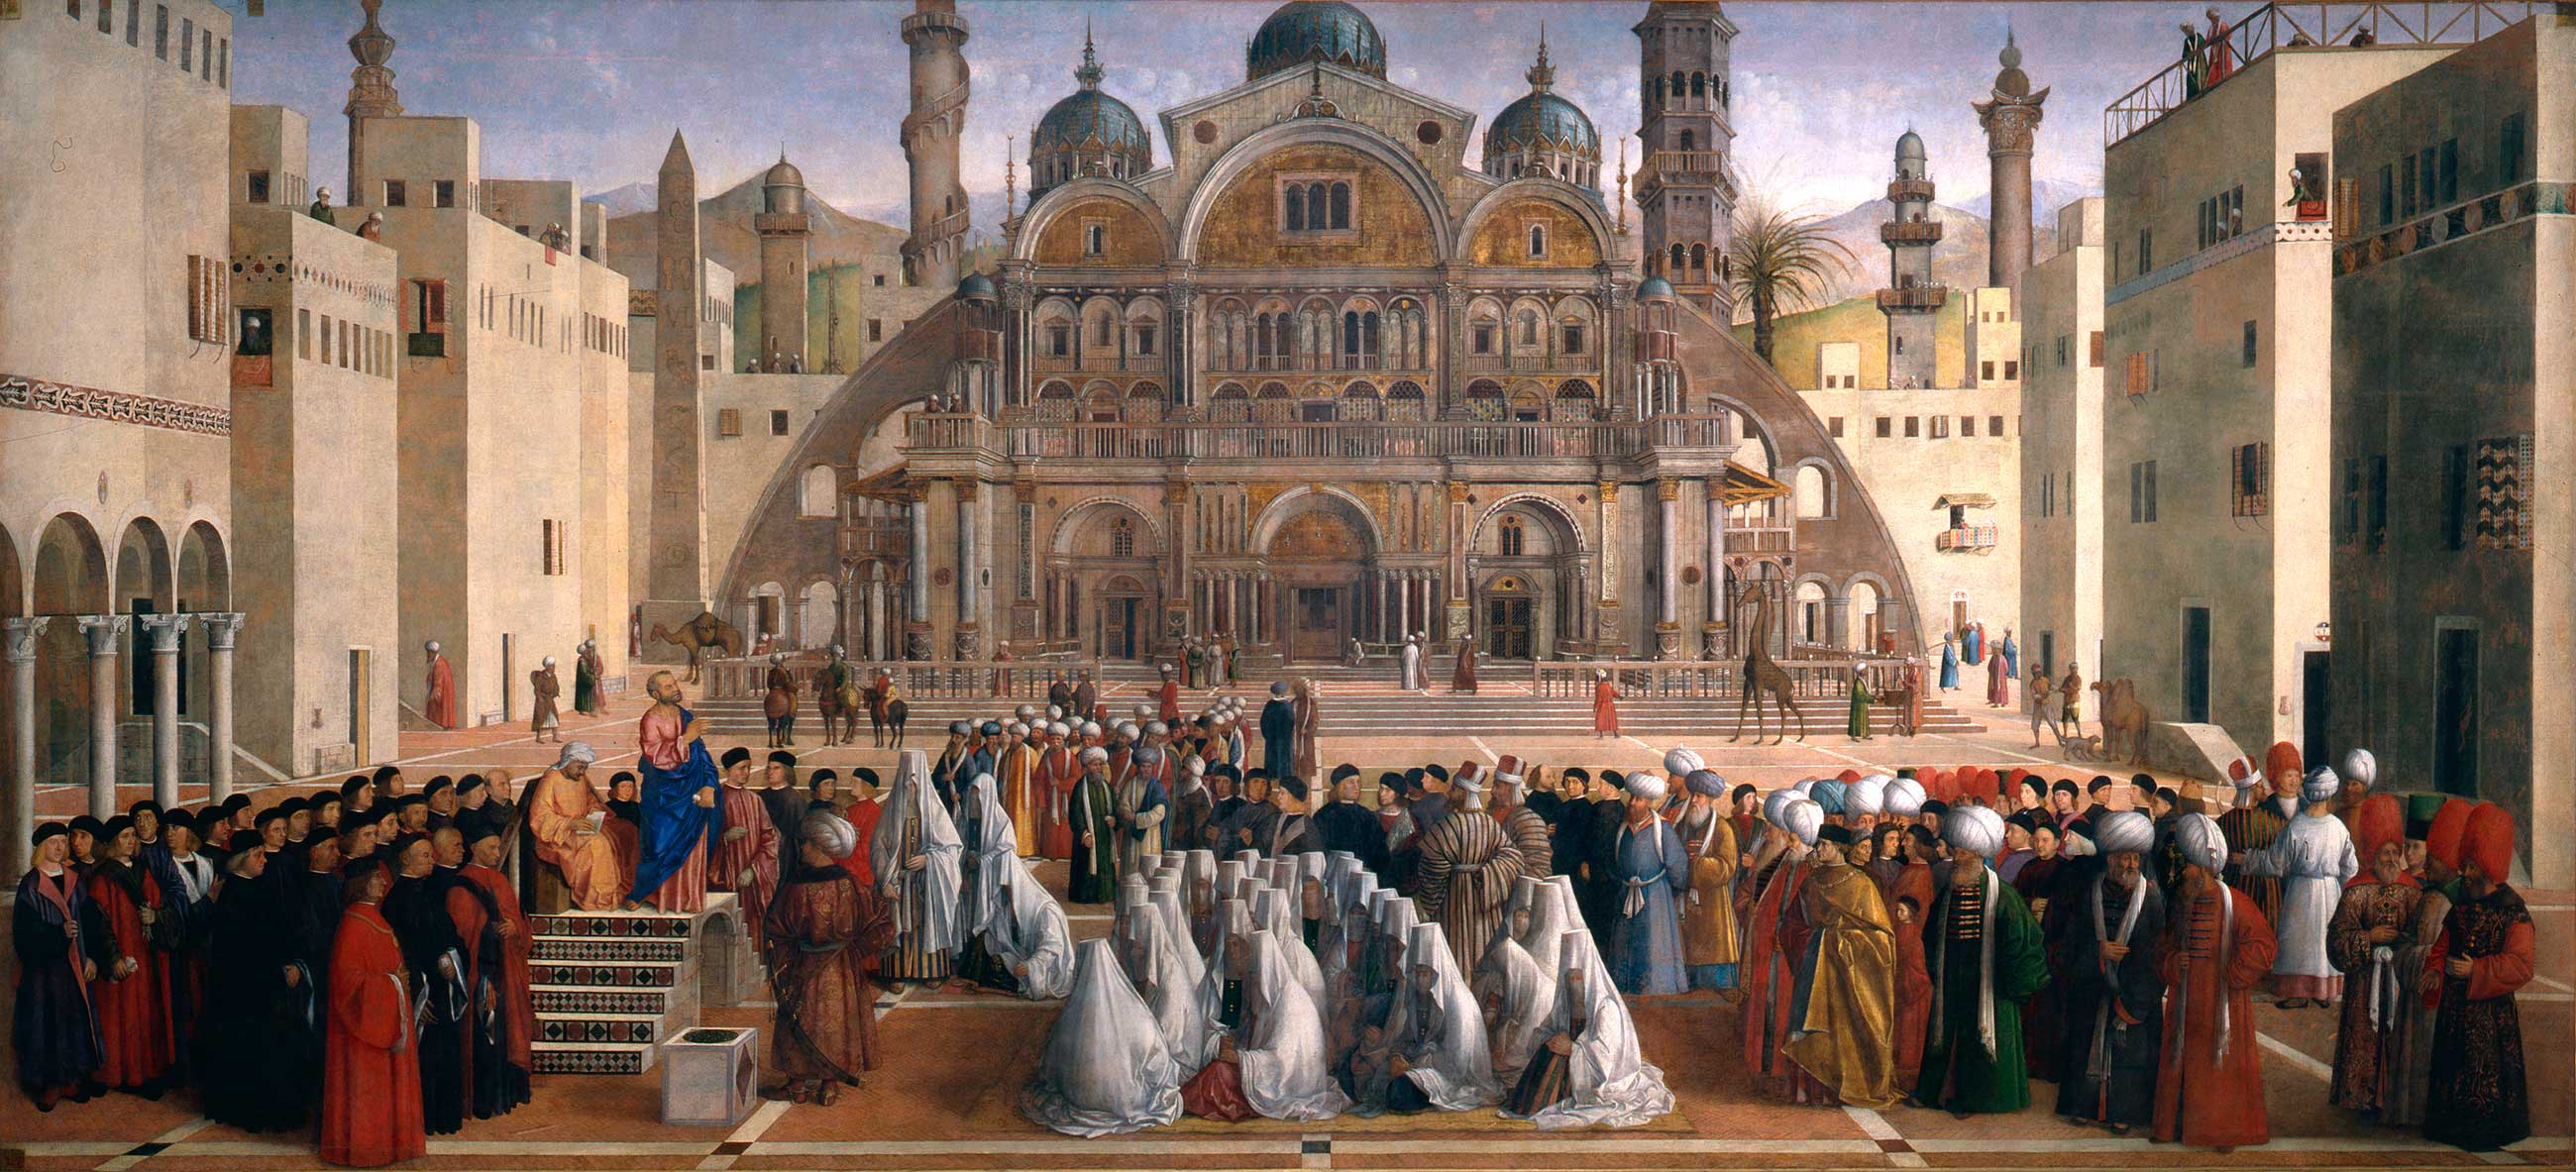 Κήρυγμα του Αγίου Μάρκου στην Αλεξάνδρεια